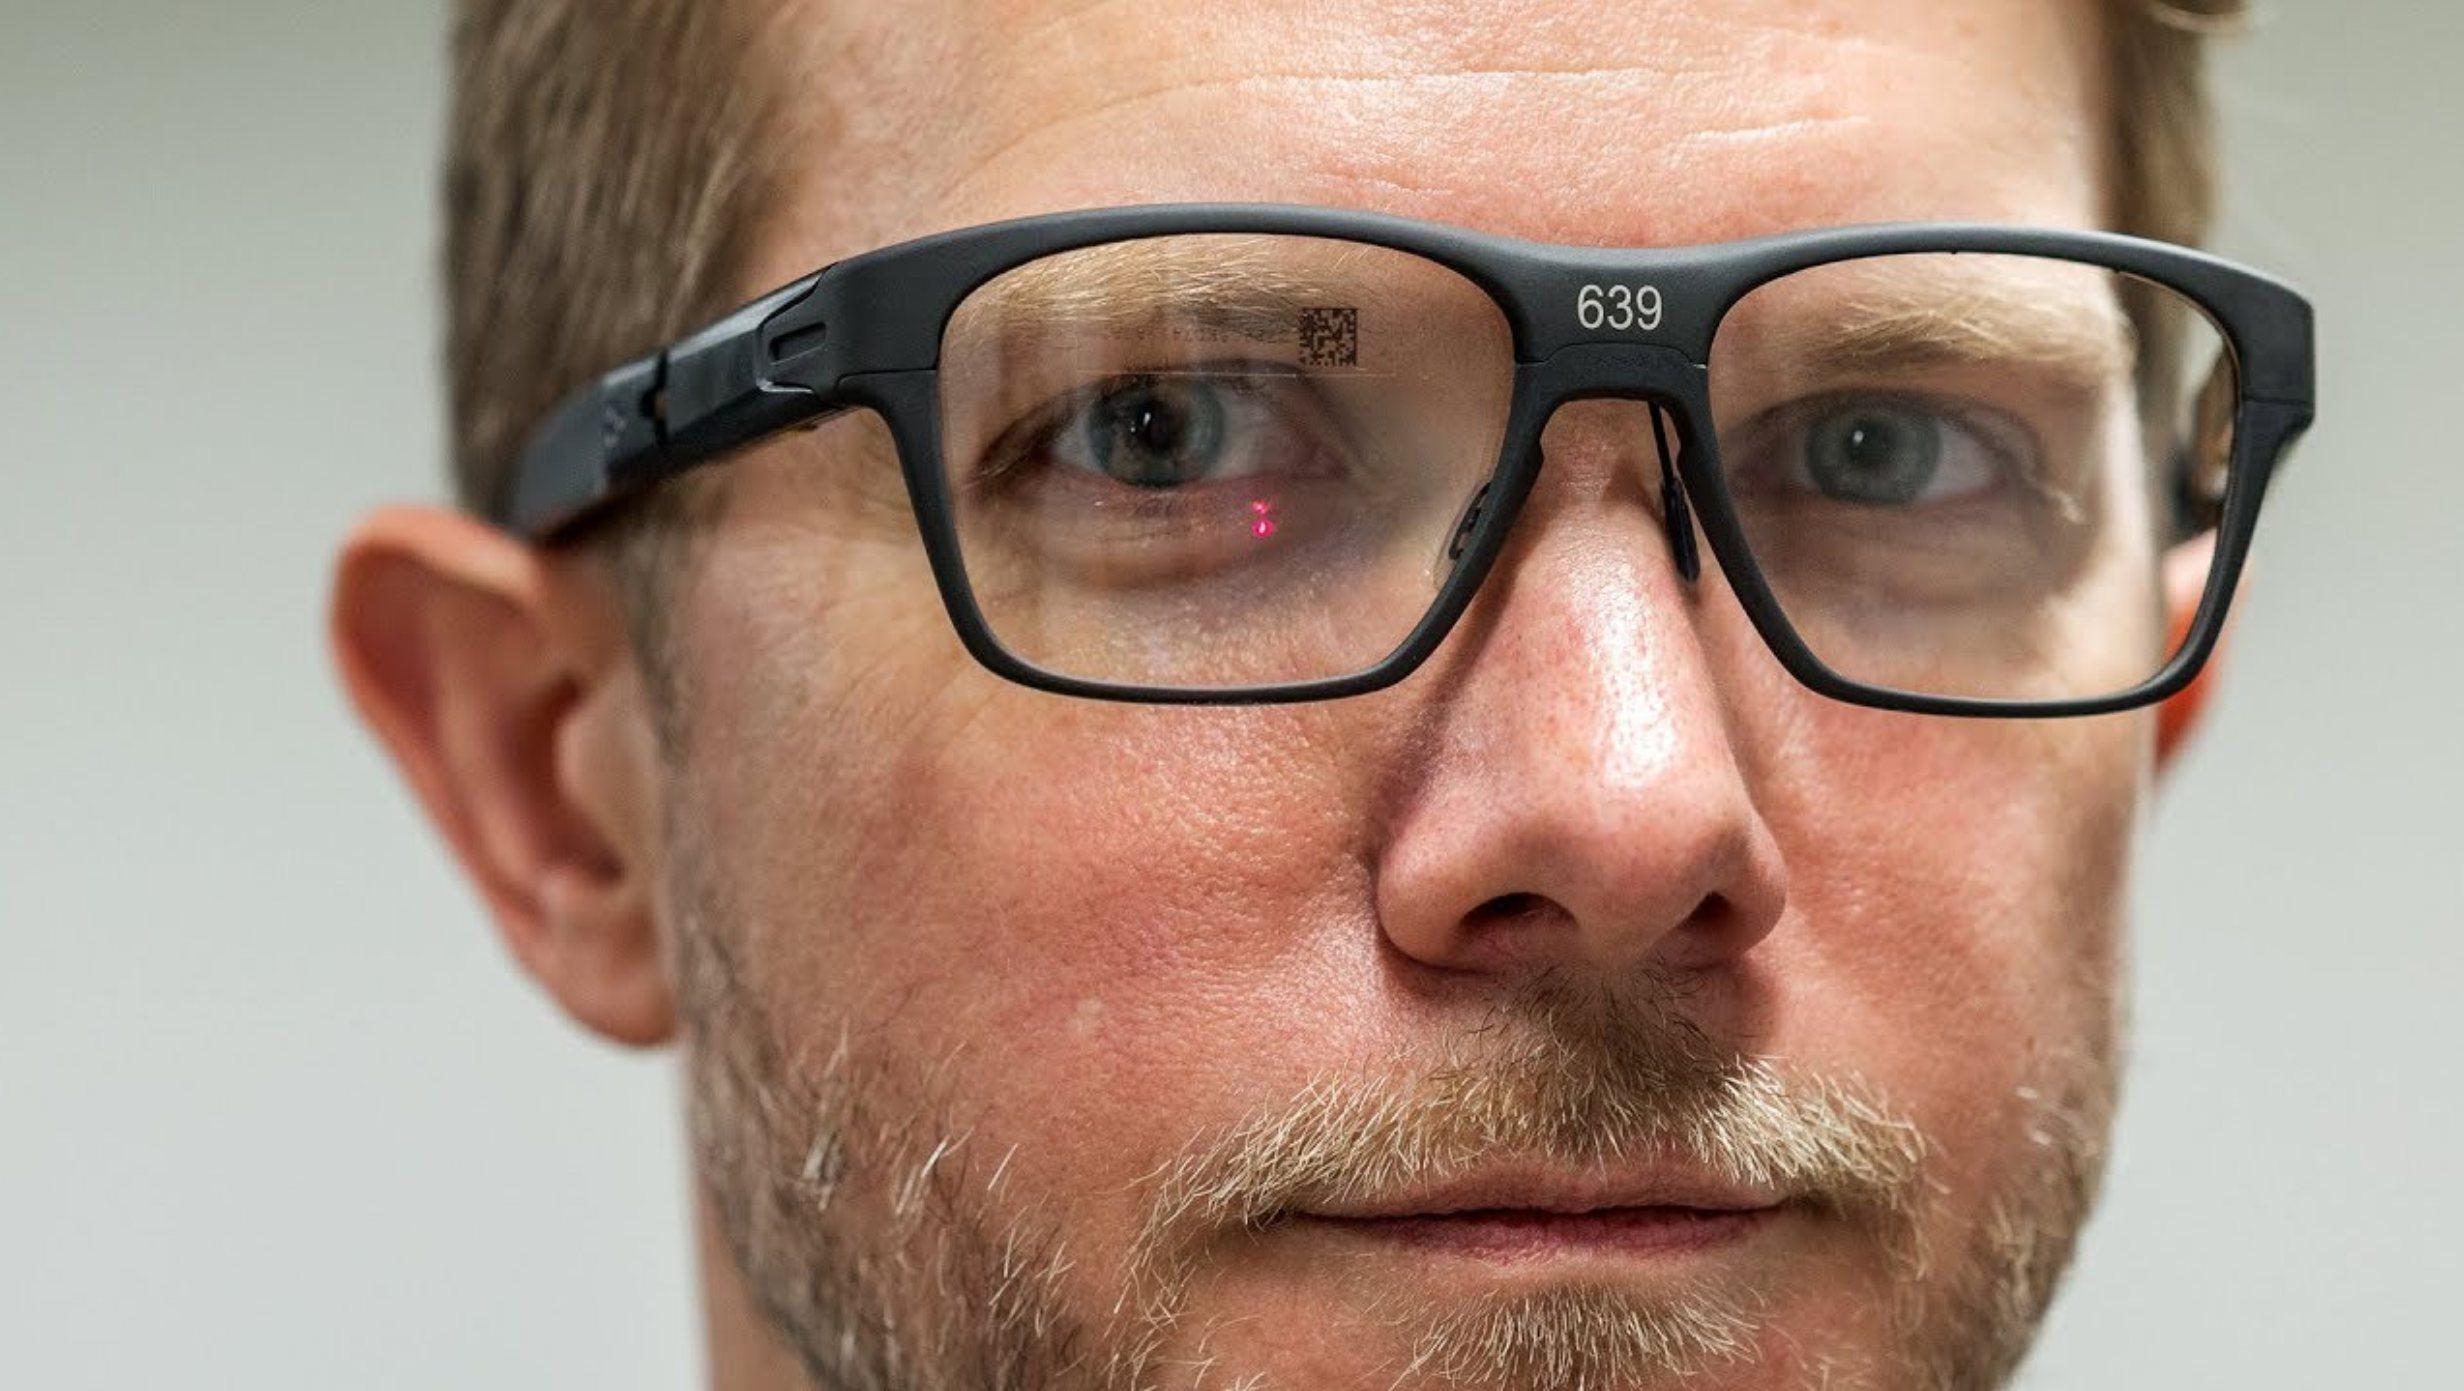 英特尔智能眼镜intel-vaunt